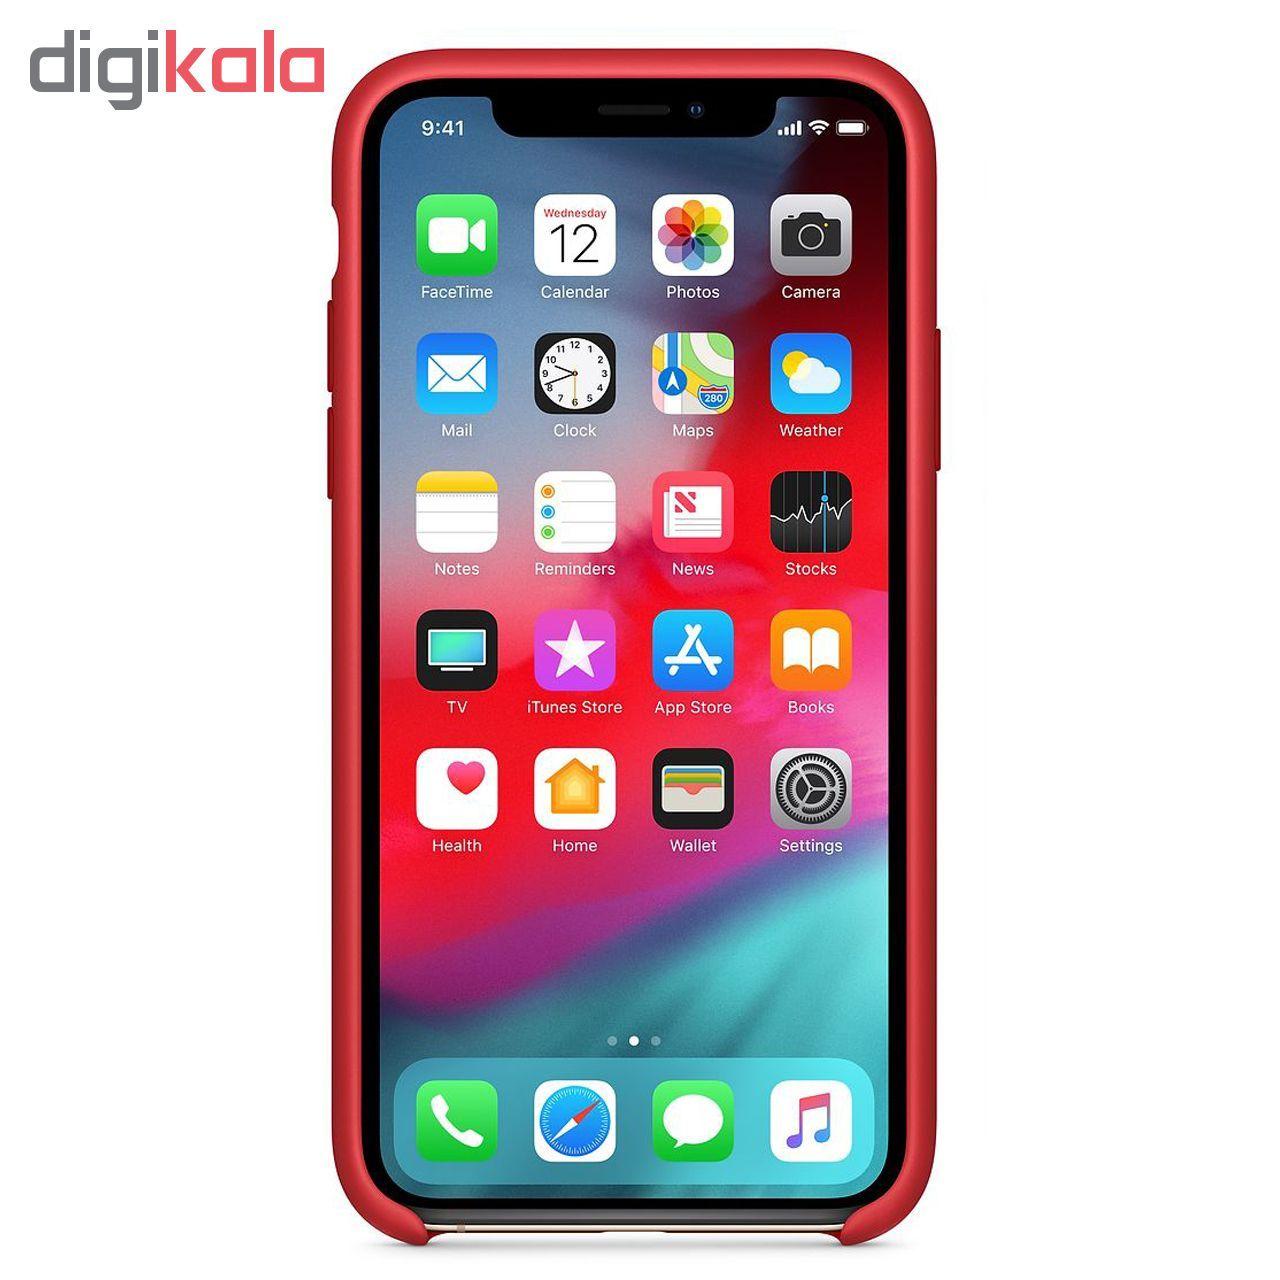 کاور مدل sili004 مناسب برای گوشی موبایل اپل Iphone XS Max main 1 3